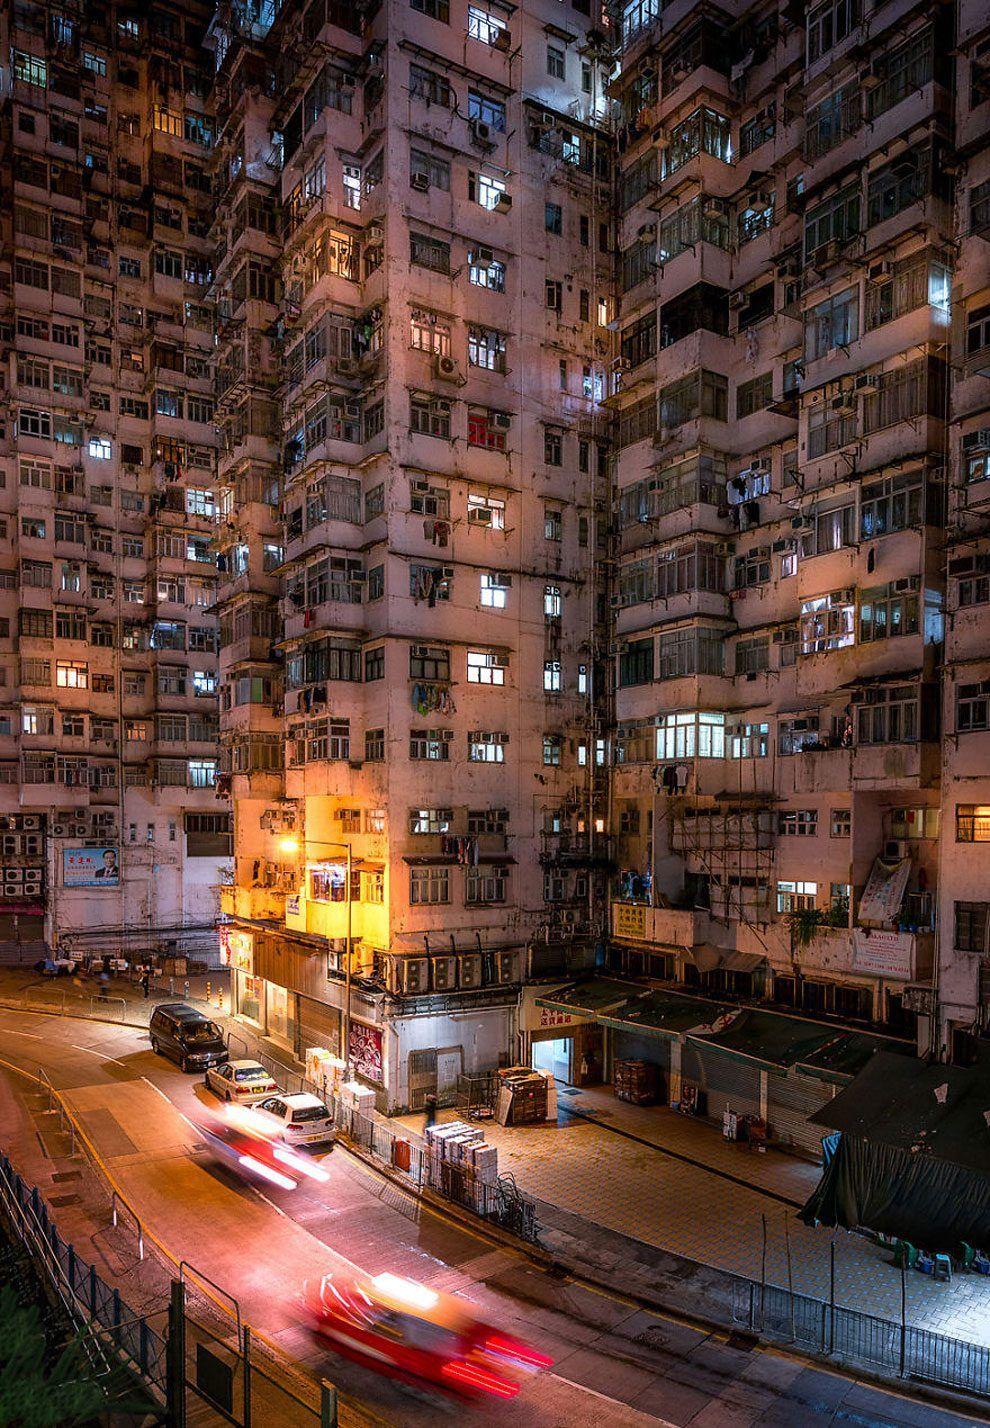 Reliving The Sights And Smells Of Old Hong Kong With Images Hong Kong Photography Kowloon Walled City Hong Kong